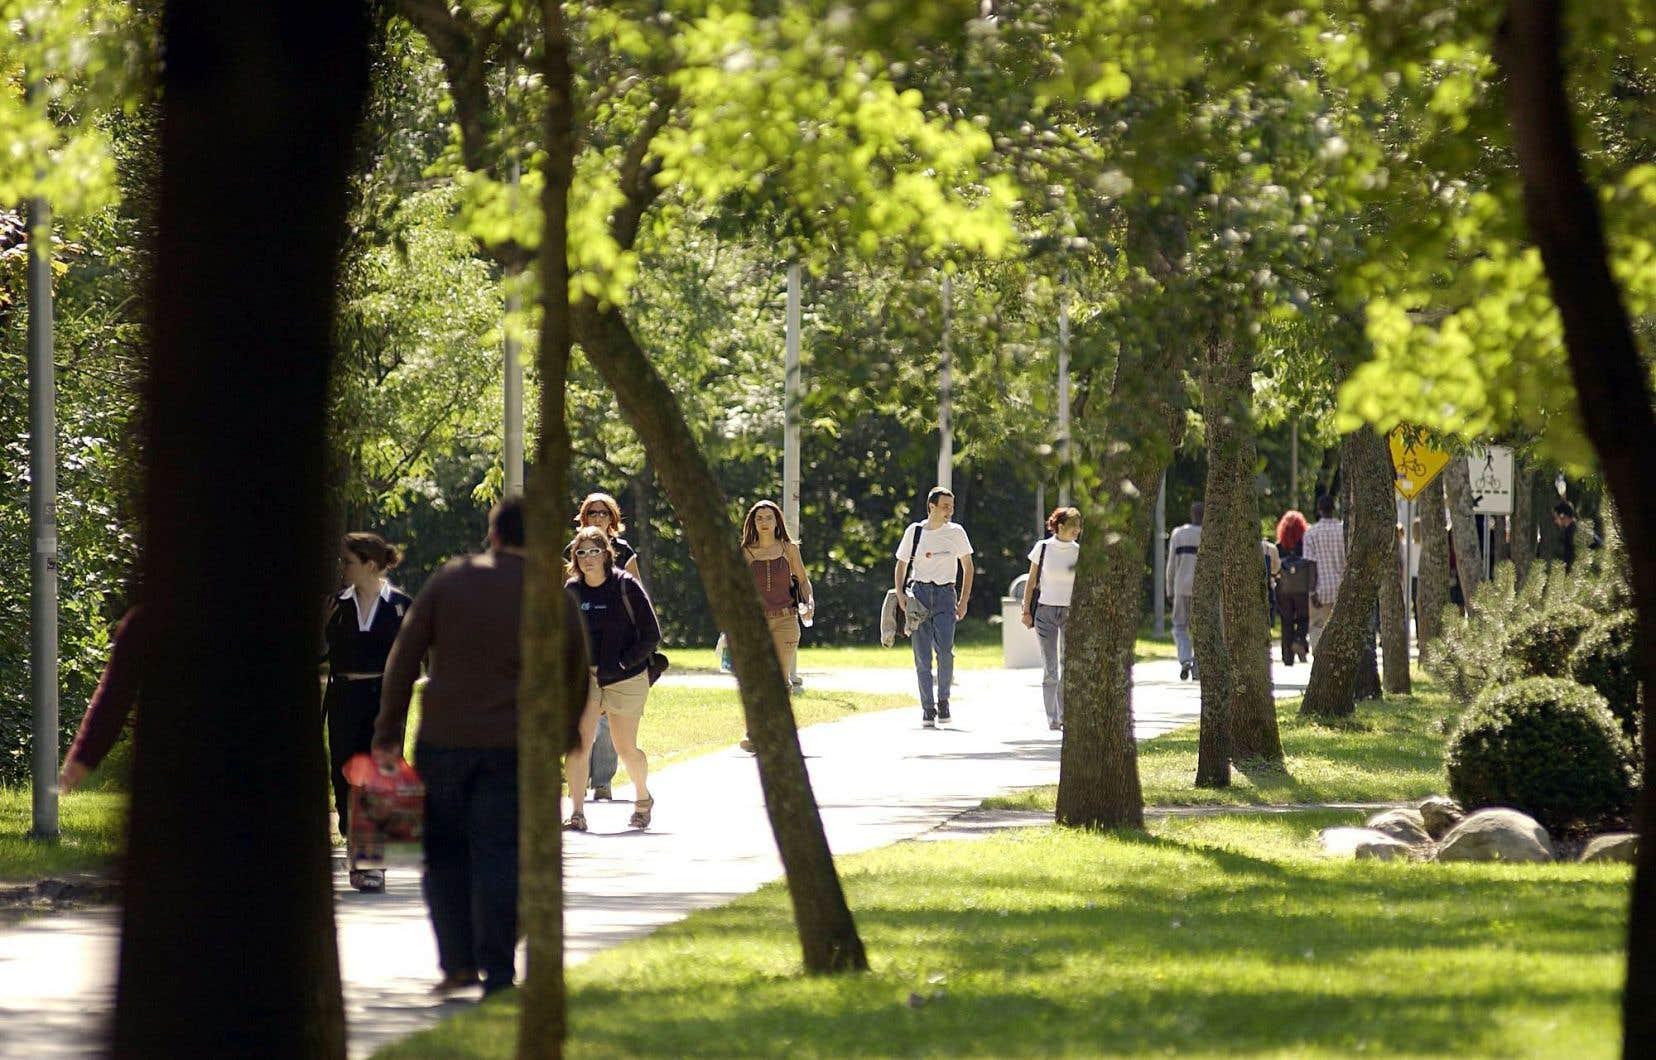 Outre l'obtention de l'Étoile d'or pour ses initiatives en développement durable, l'Université Laval s'engage dans une démarche d'investissement responsable qui devrait l'amener à déplacer les investissements de ses fonds de dotation dans les énergies fossiles vers d'autres types de placements.